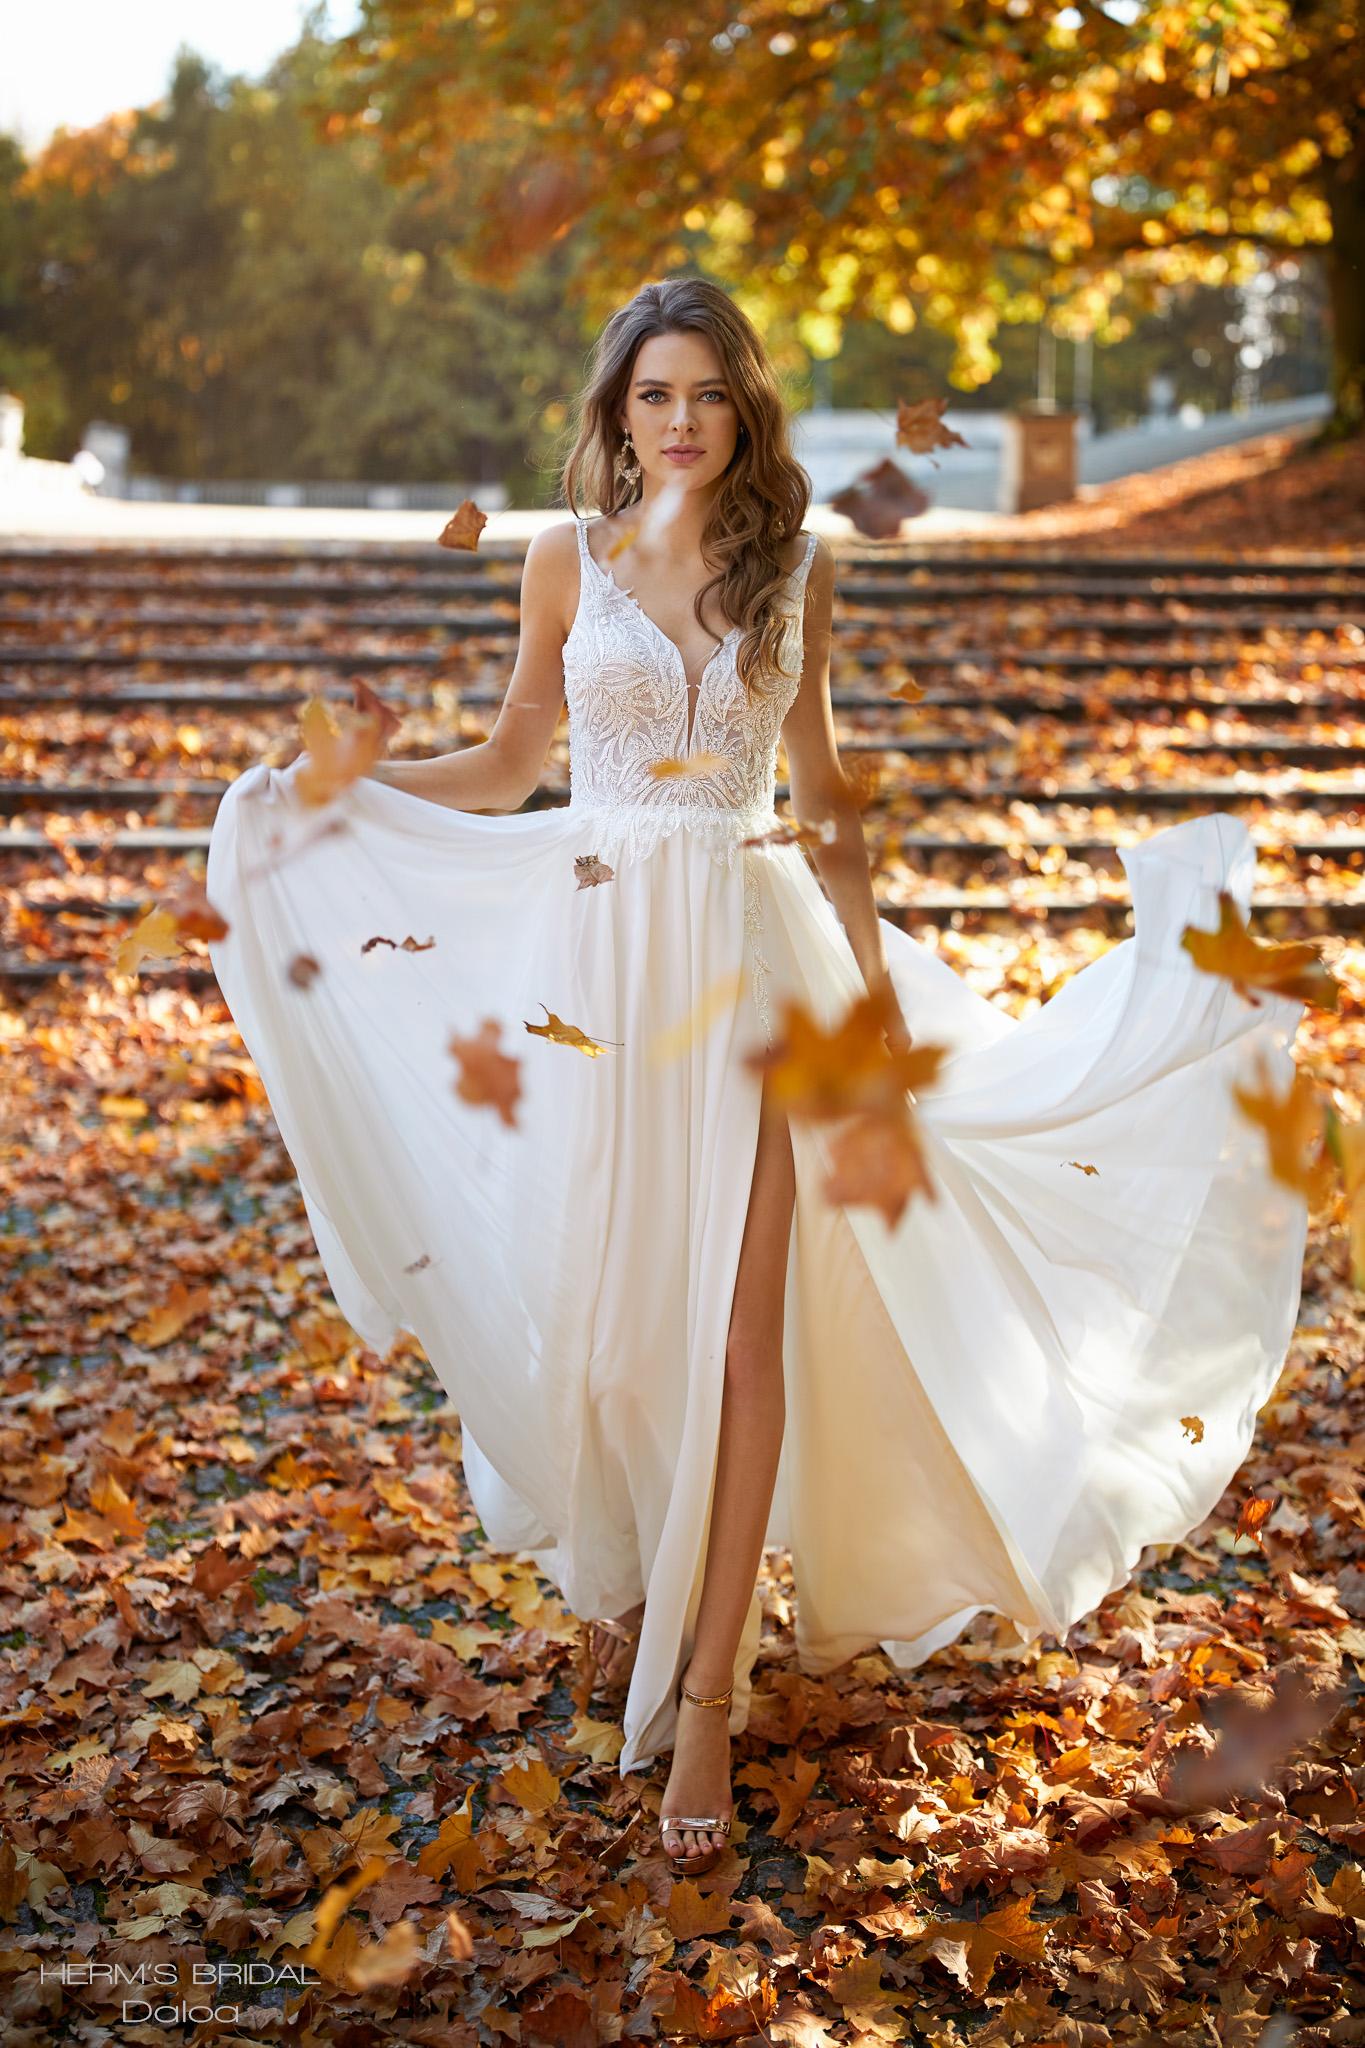 suknia slubna herms bridal Daloa 4